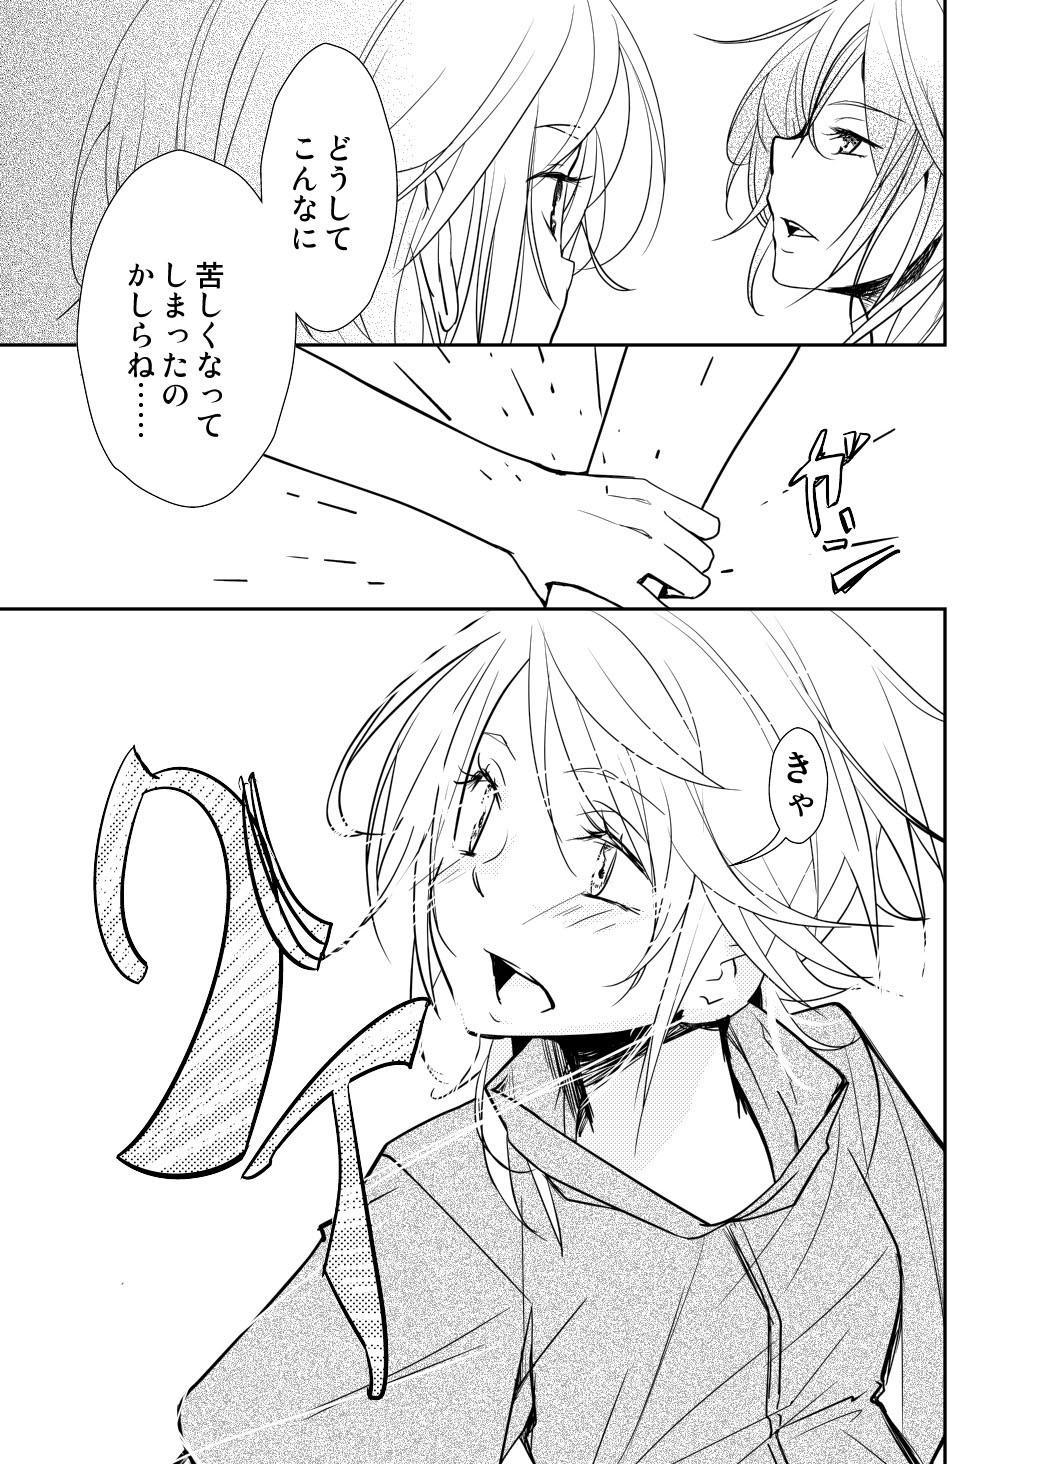 Yakusoku no Sora to Kimigaita Basho 1 ~ 2 18